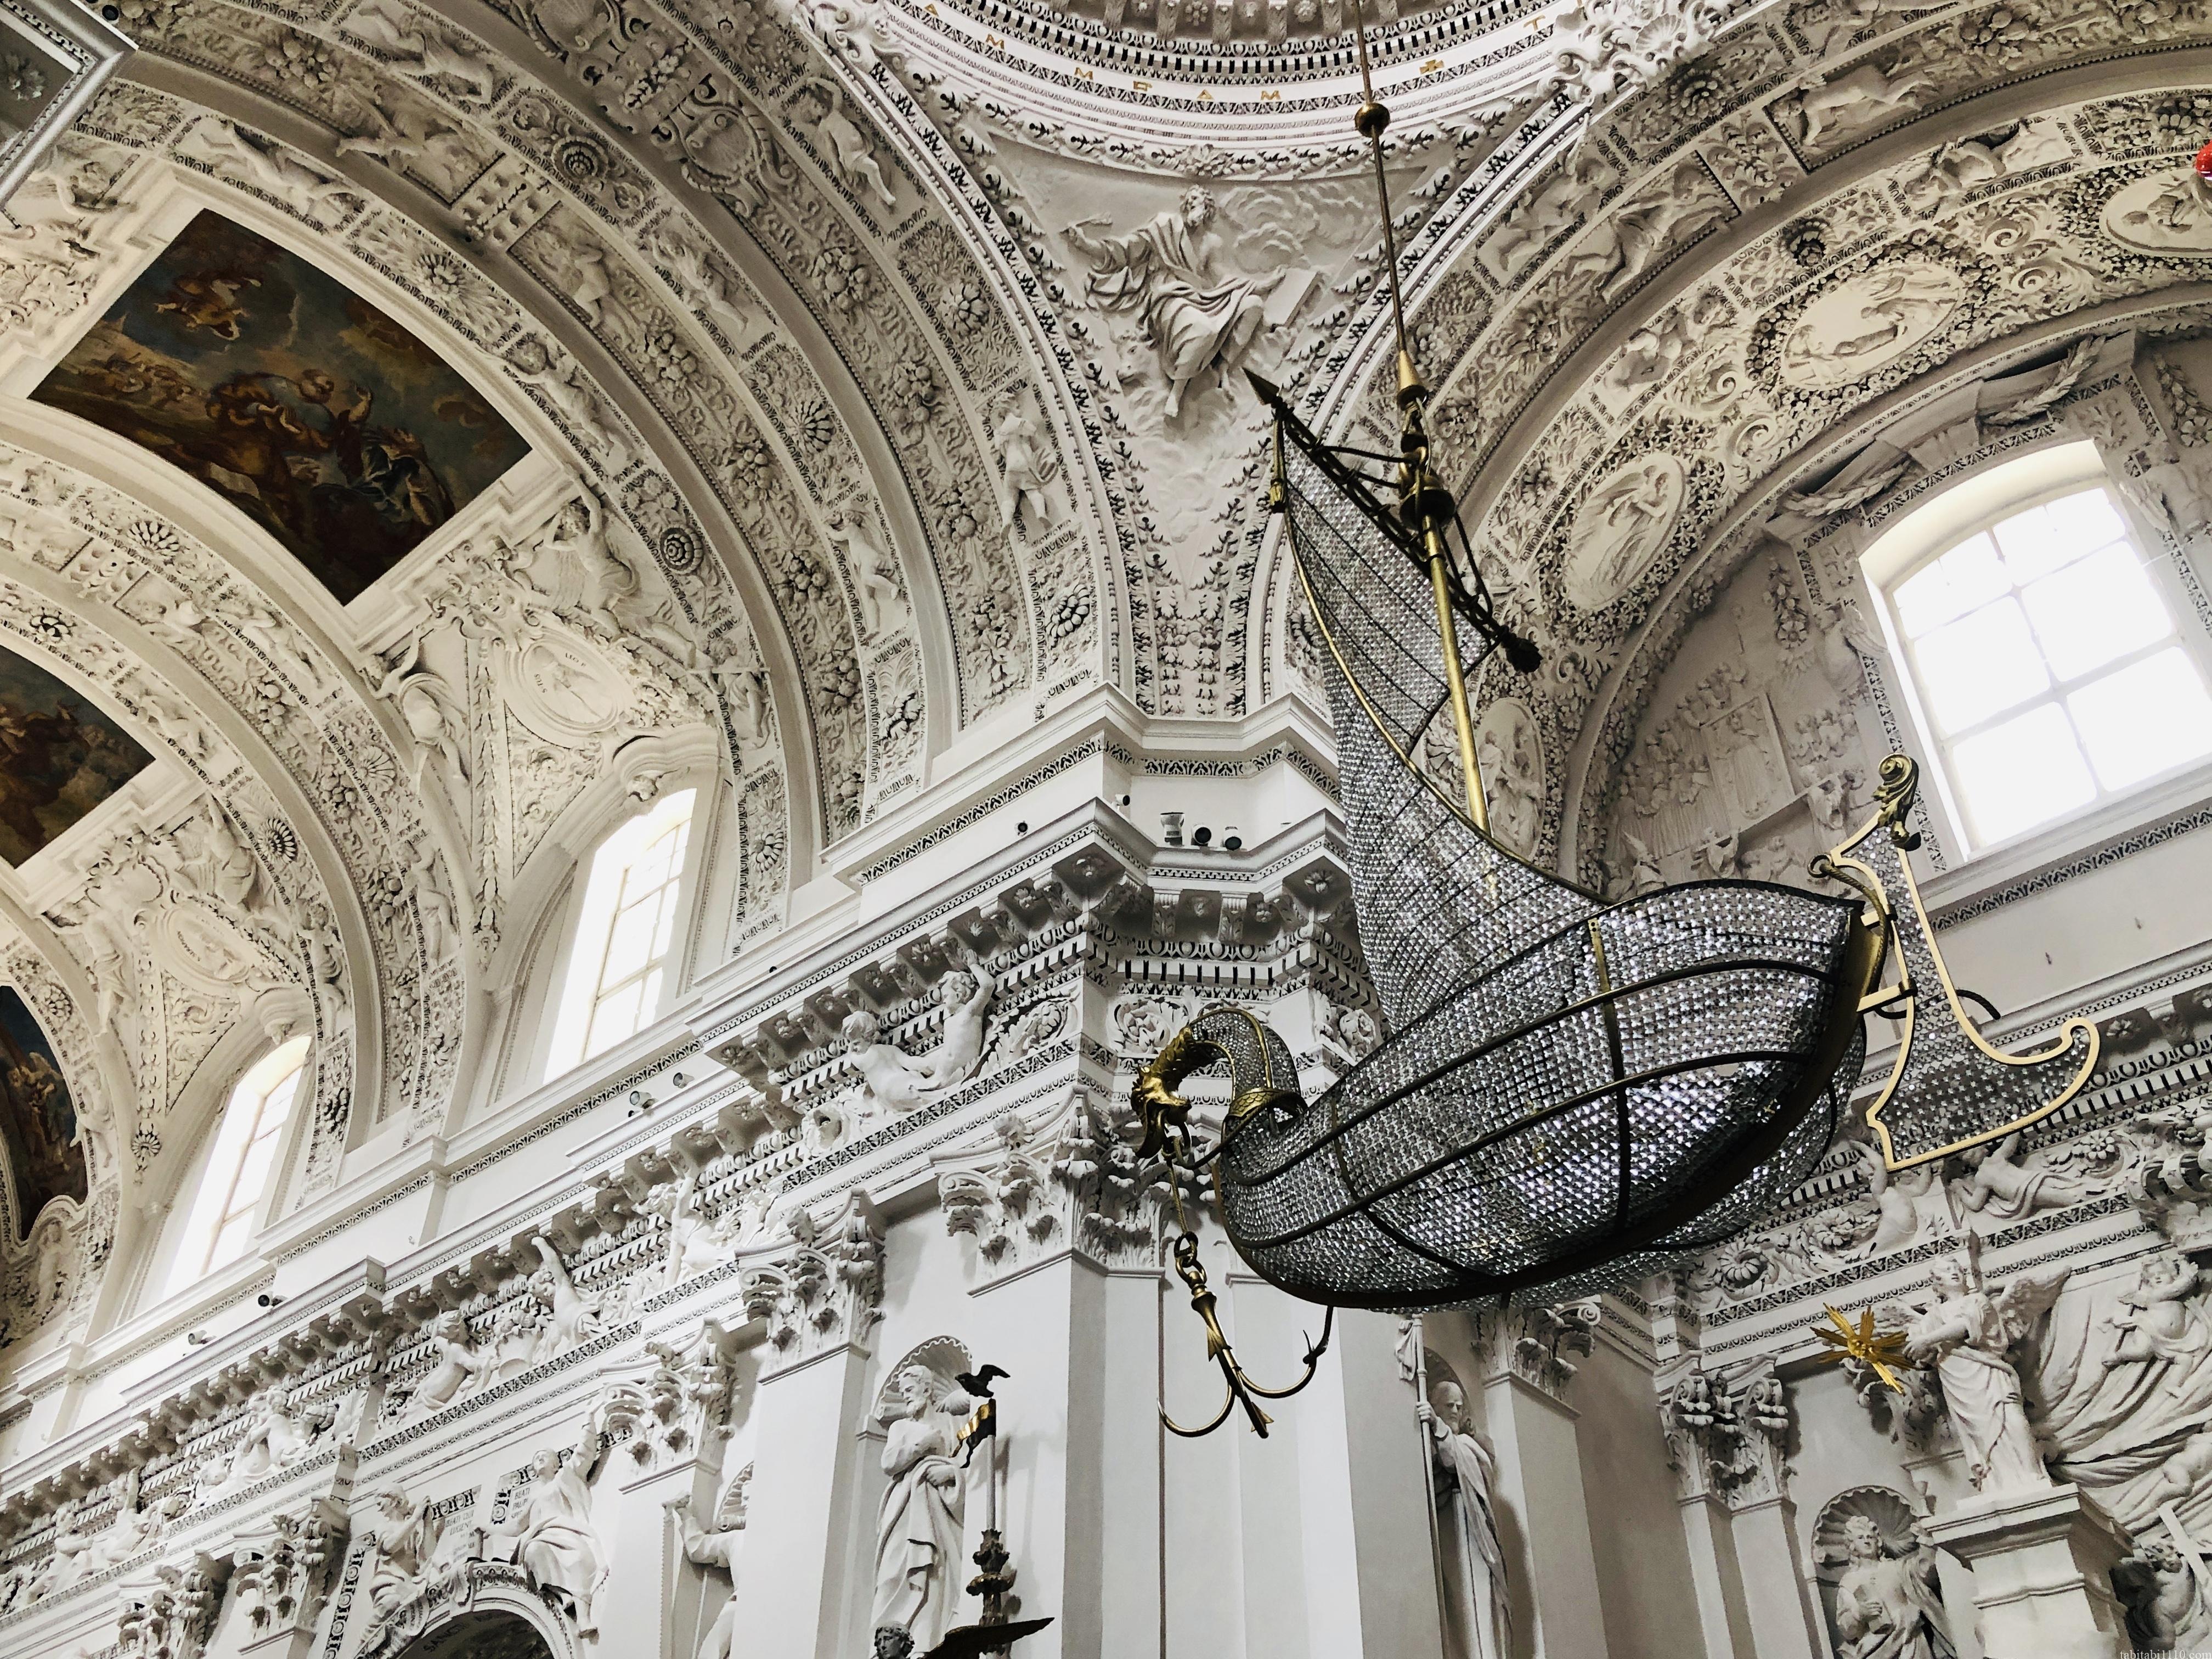 ビリニュス 観光 聖ペテロ・パウロ教会